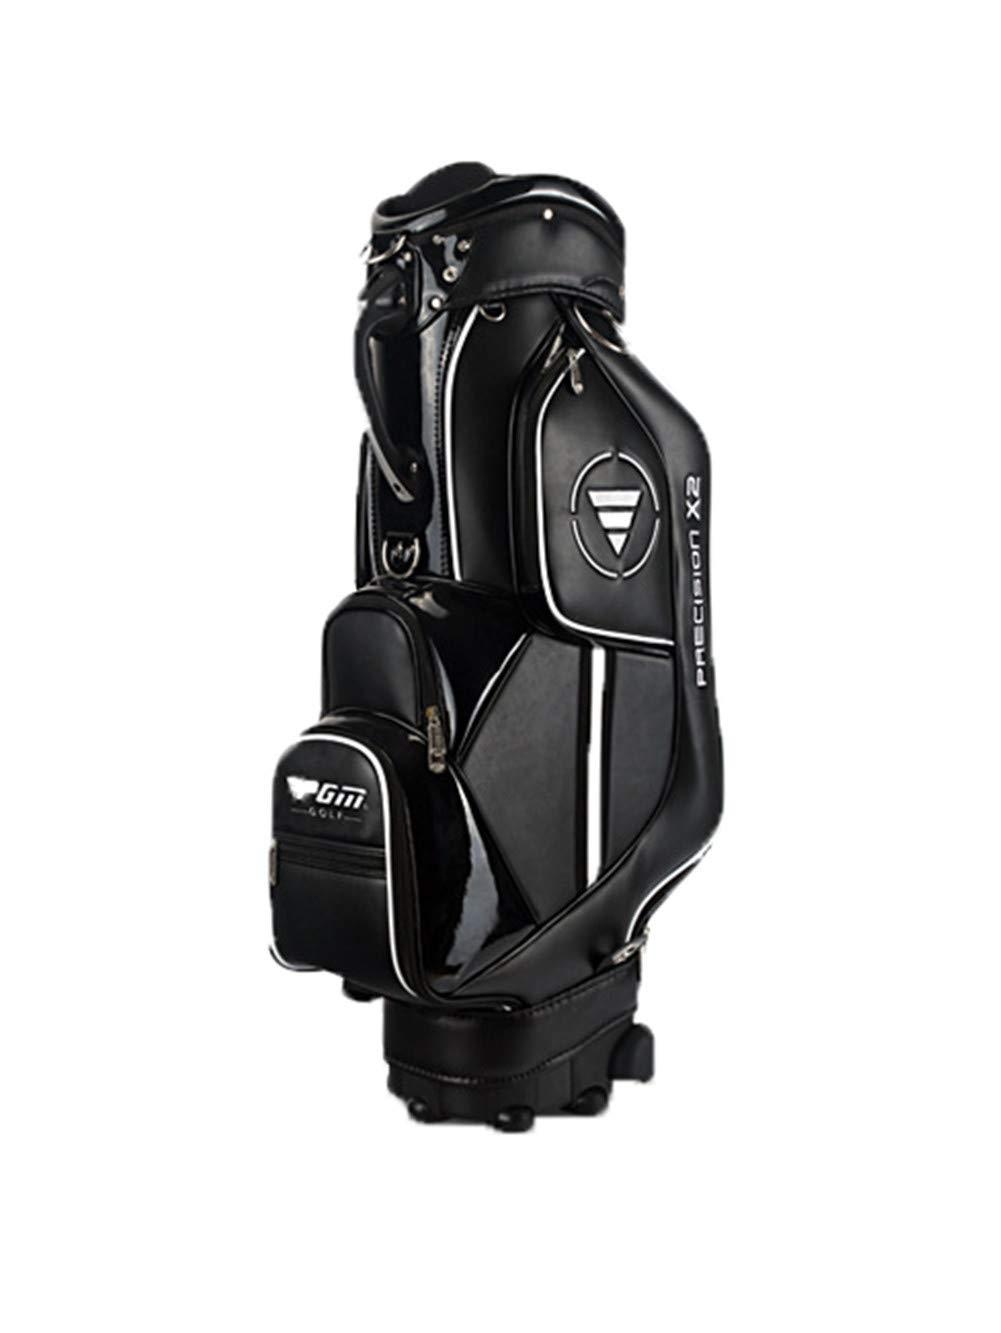 ゴルフクラブバッグウェイカートトロリーバッグカート防水素材とドライポケットシリーズゴルフトロリーカートバッグ B07K59G6JZ B